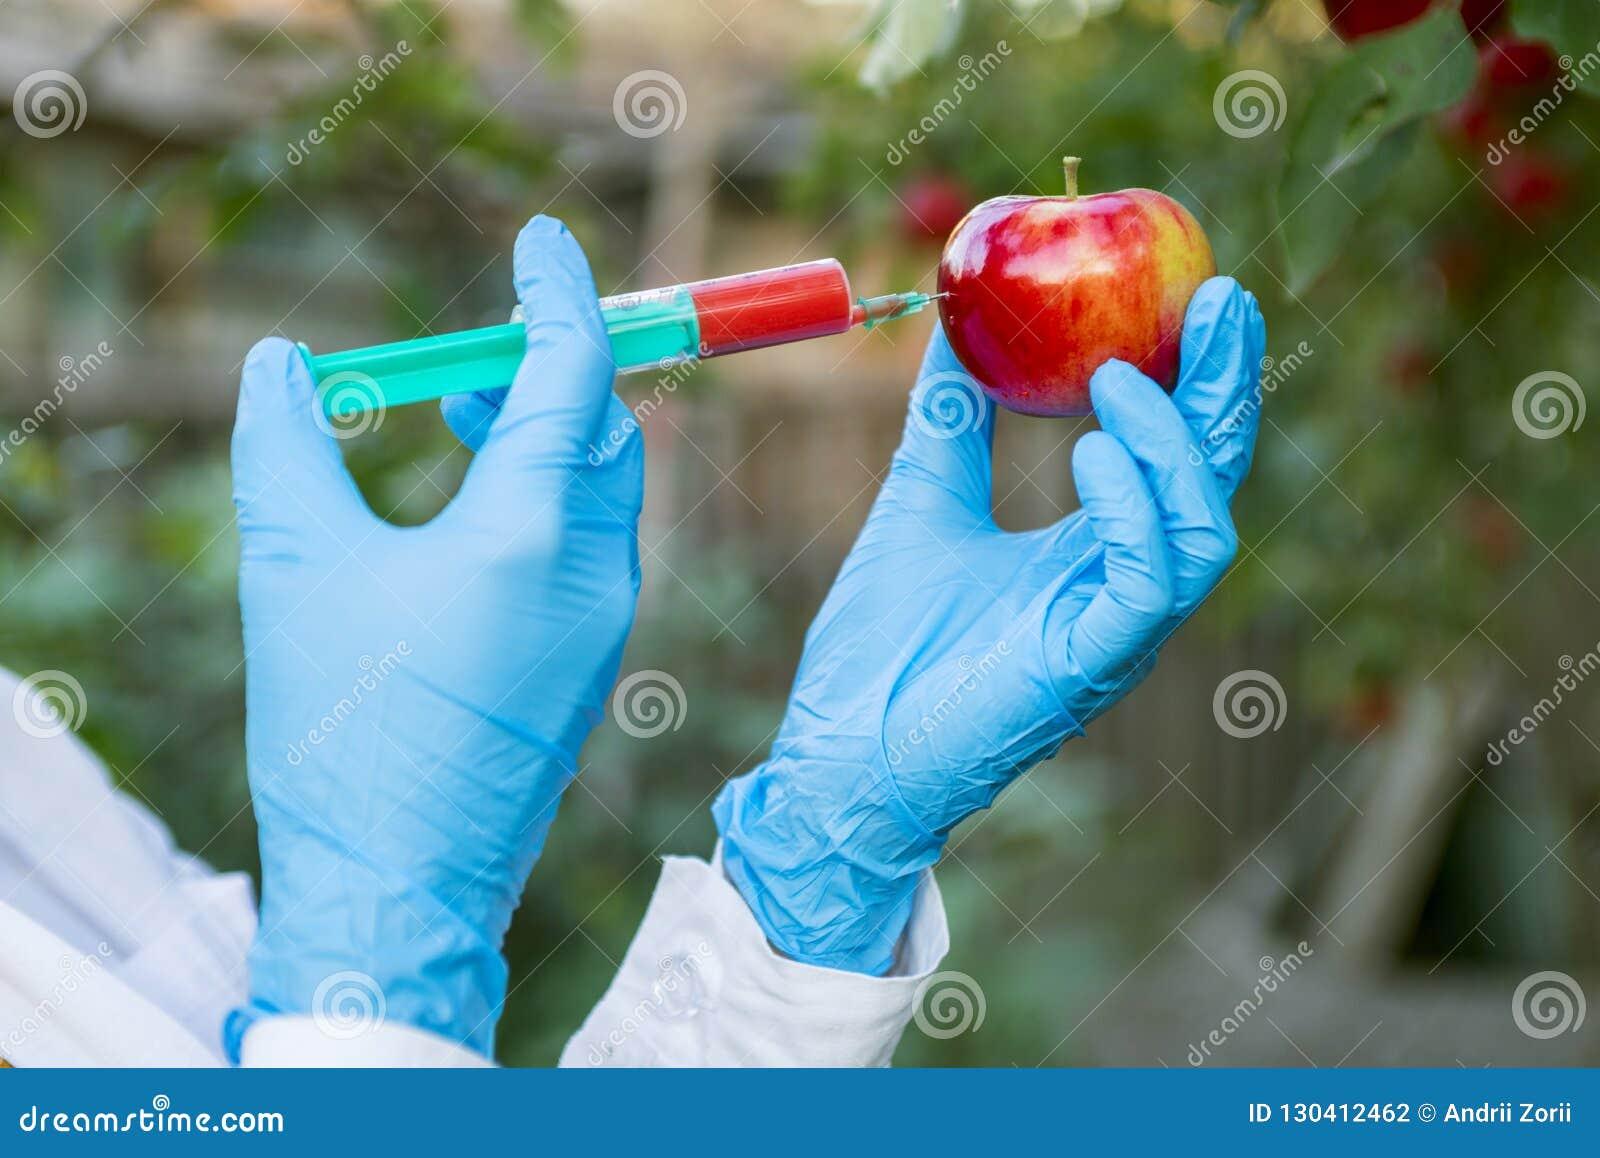 Frukt för handinnehaväpple med injektionssprutan med kemiska gödningsmedel av röd färg i äpple GMO och bekämpningsmedeländring fo